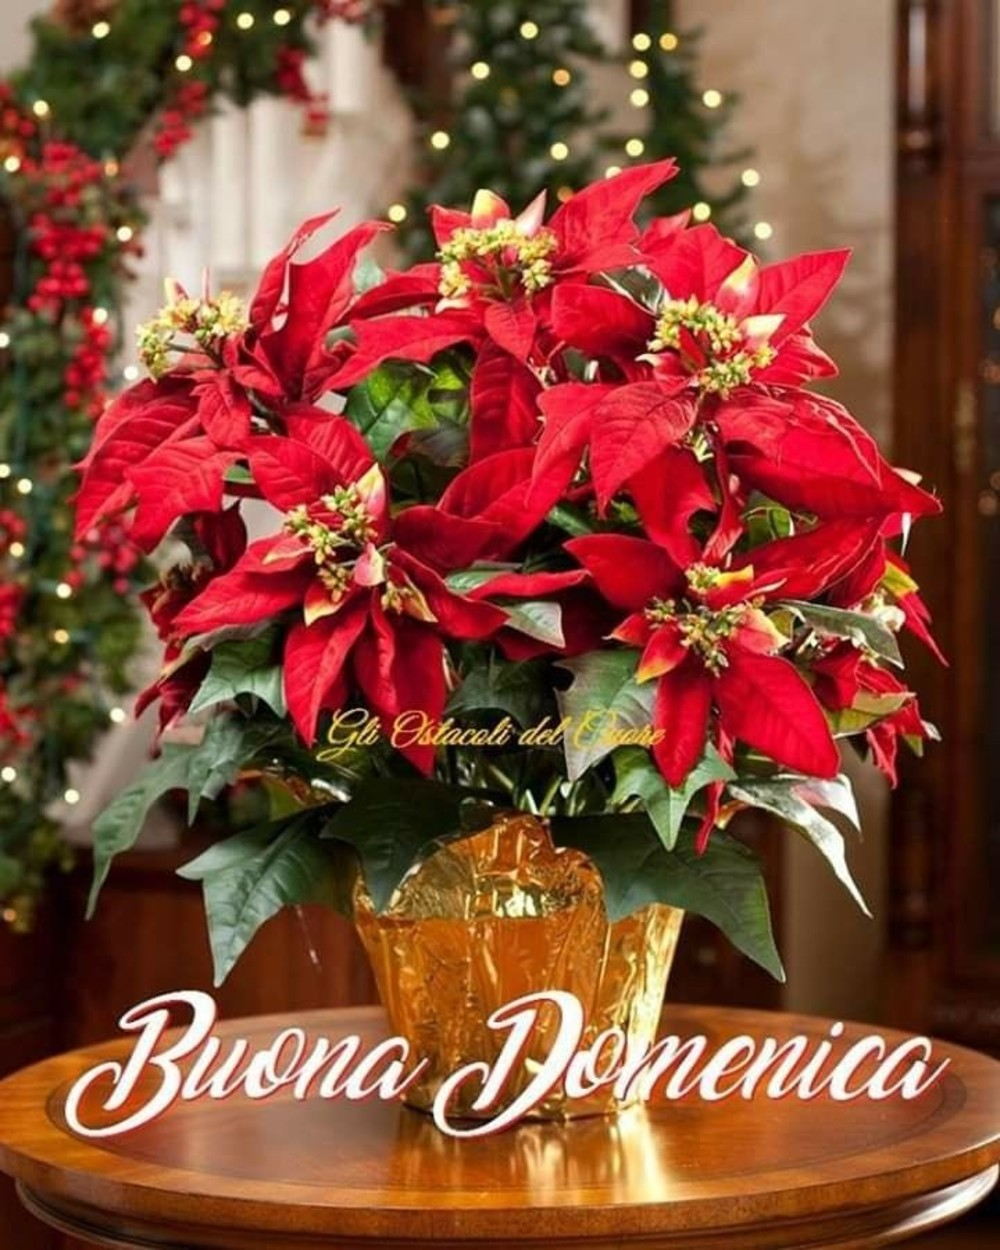 Immagini Natalizie Buona Domenica.Buona Domenica Stella Di Natale Buongiornocolsorriso It